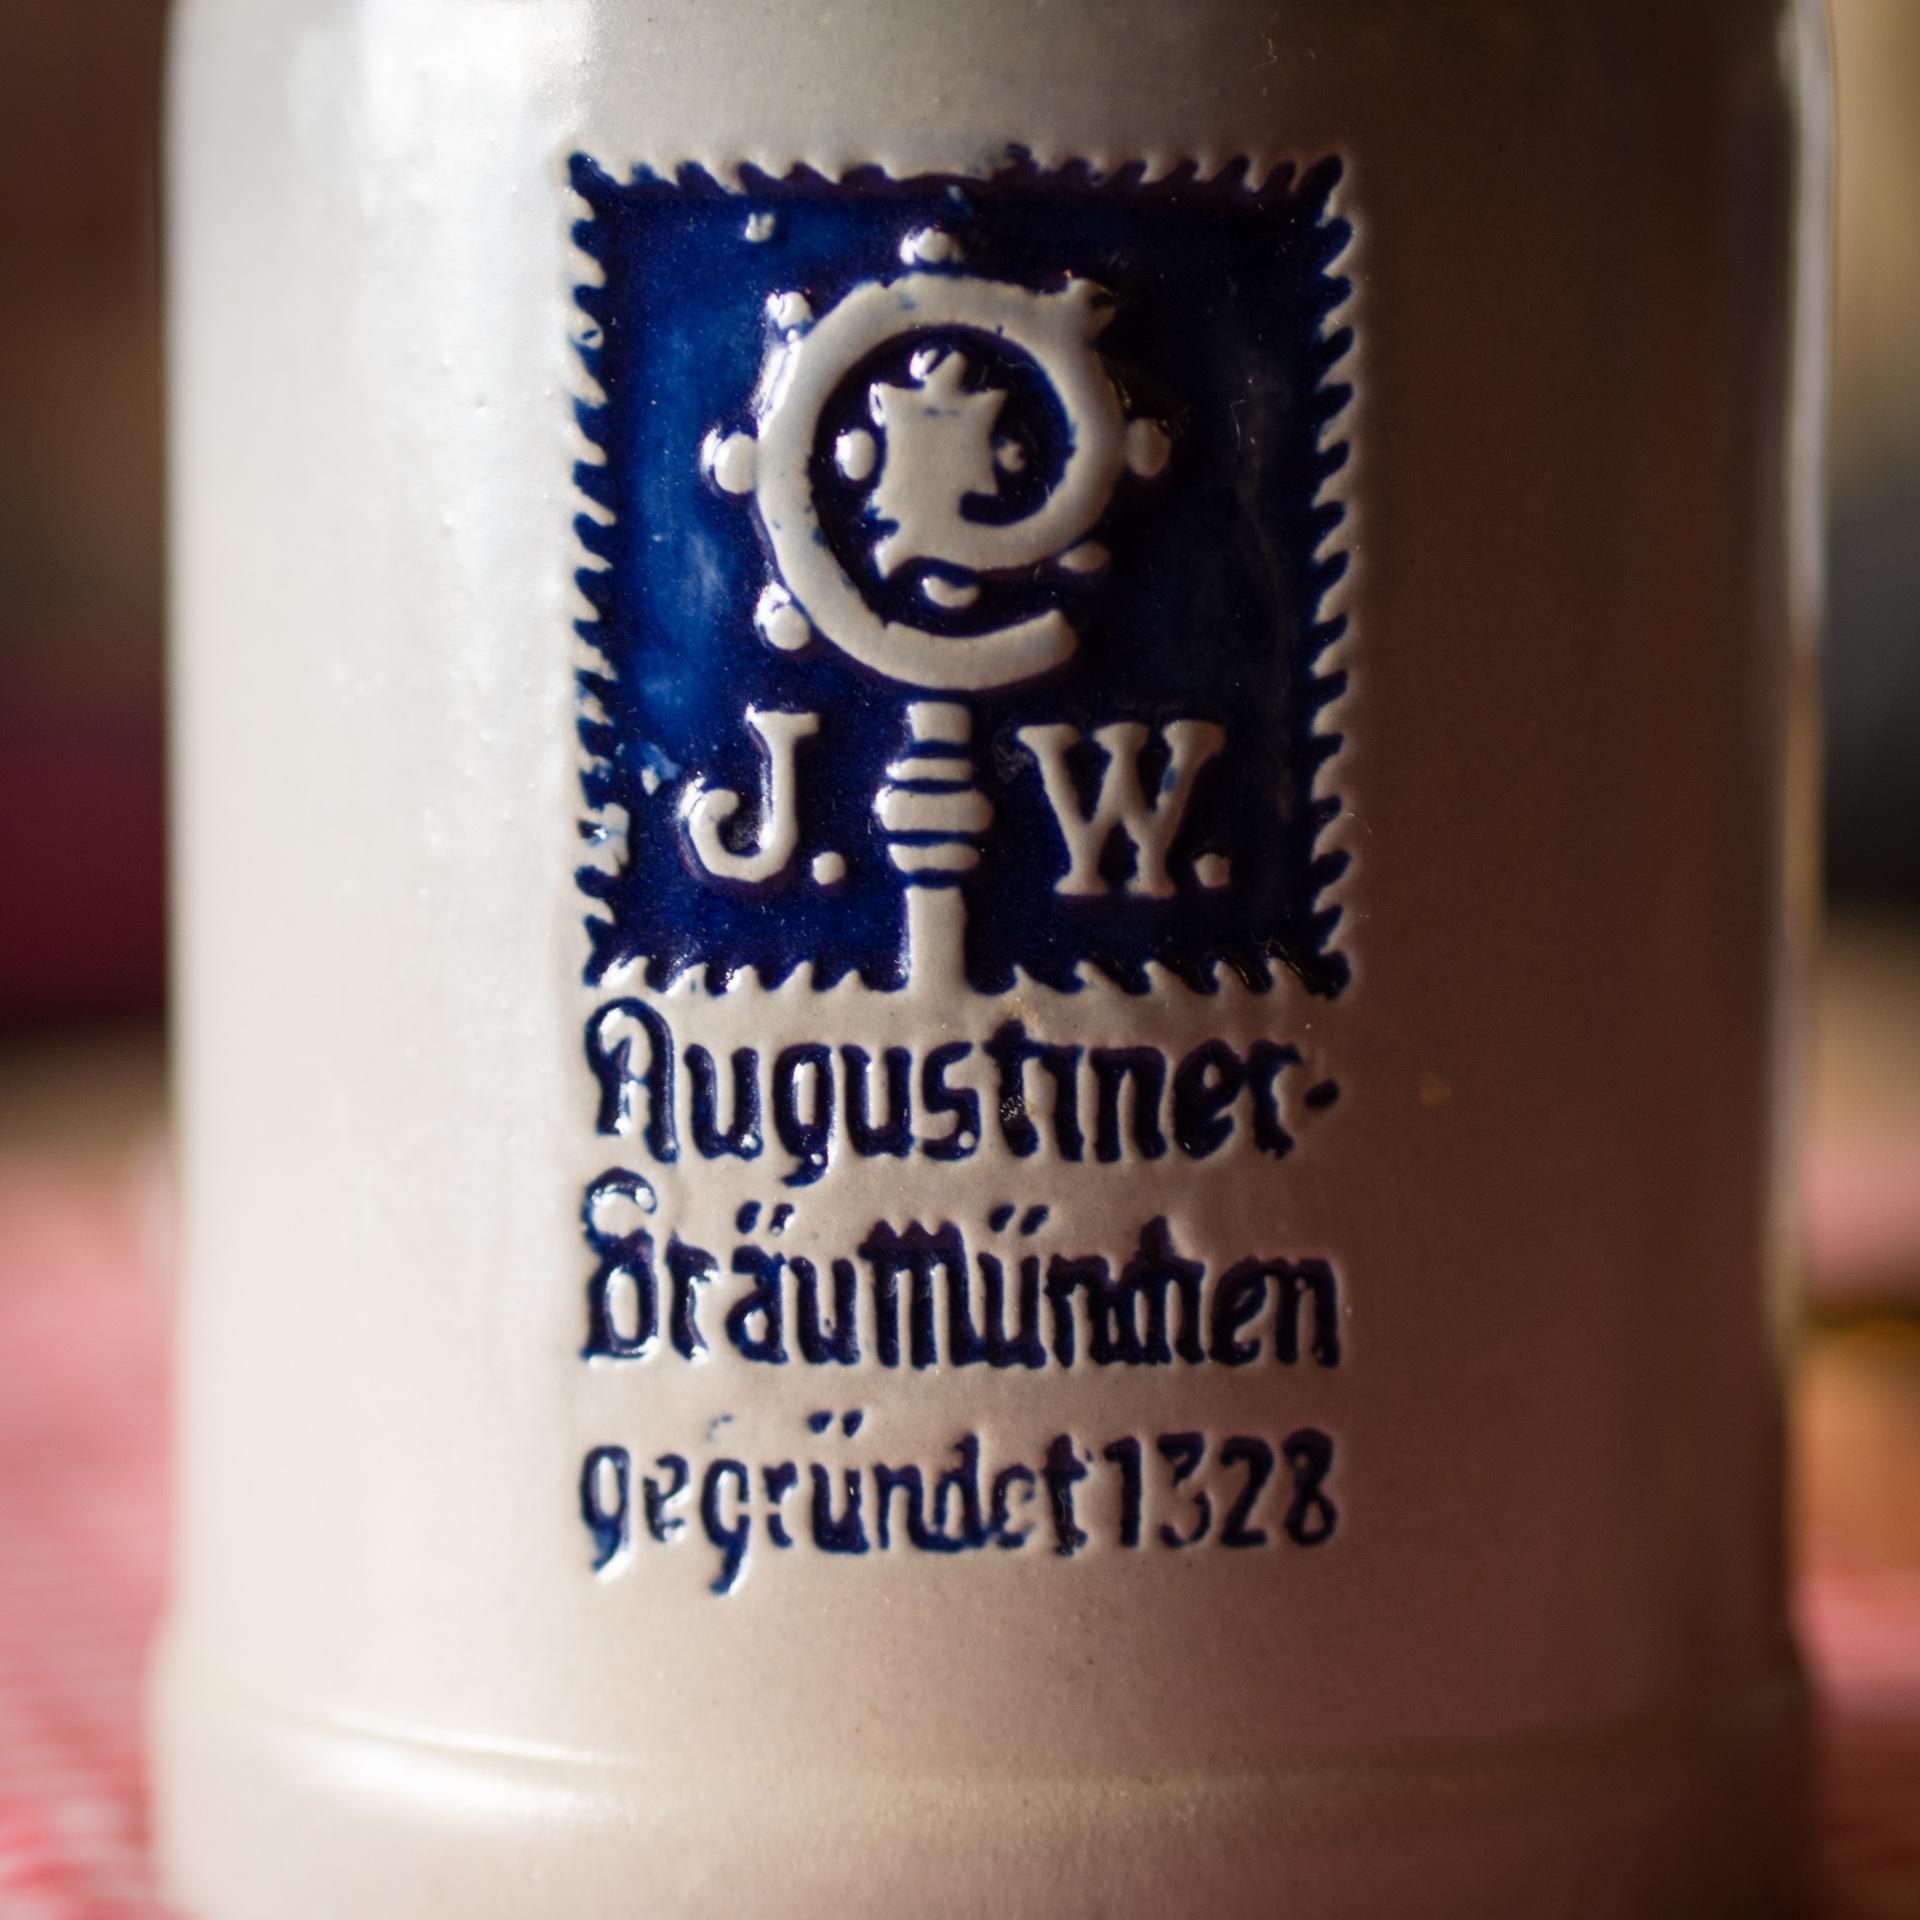 2013 Augustiner Bräu Krug.jpg